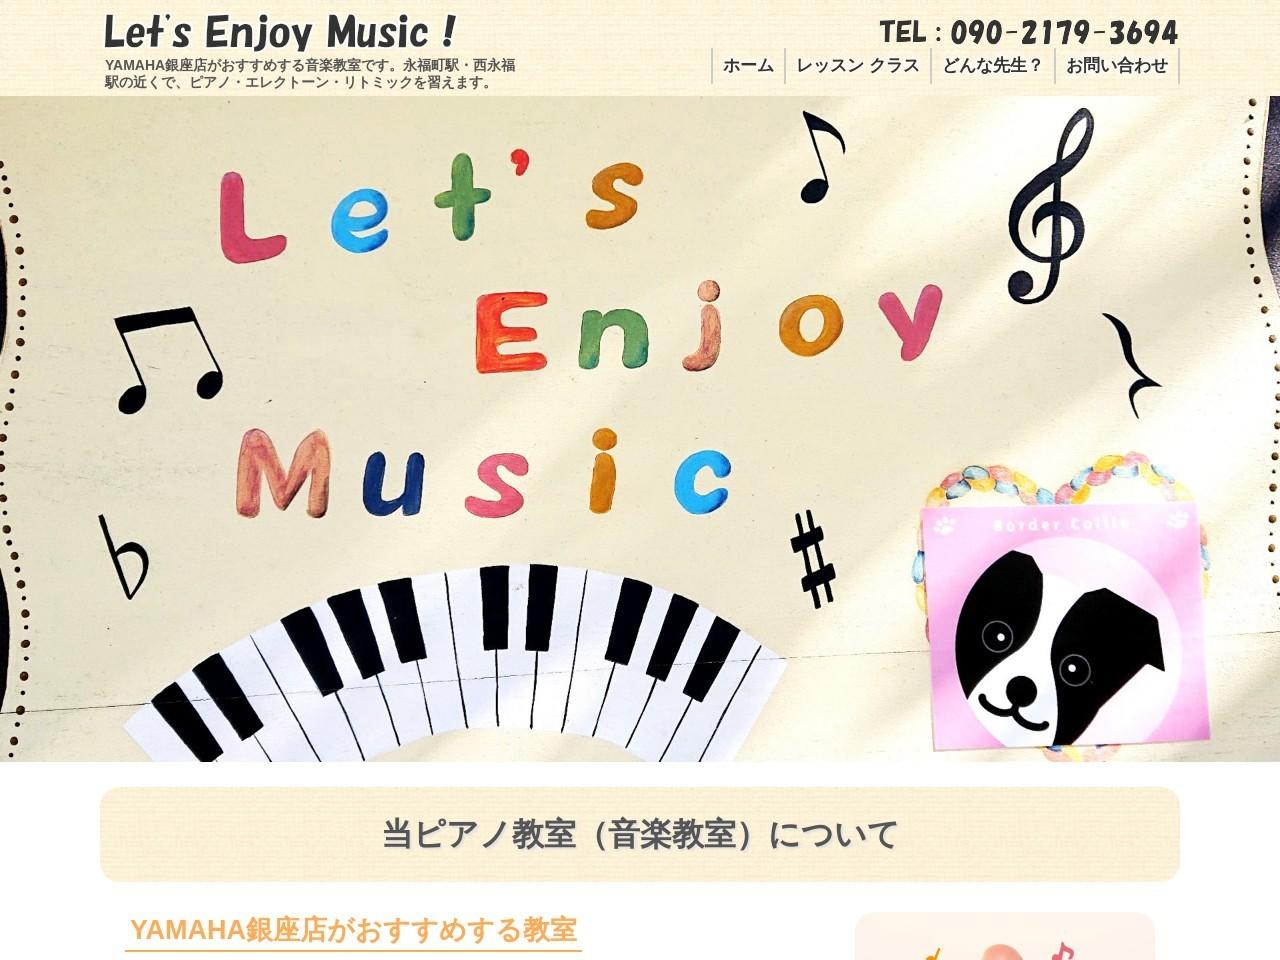 Let's Enjoy Music !のサムネイル